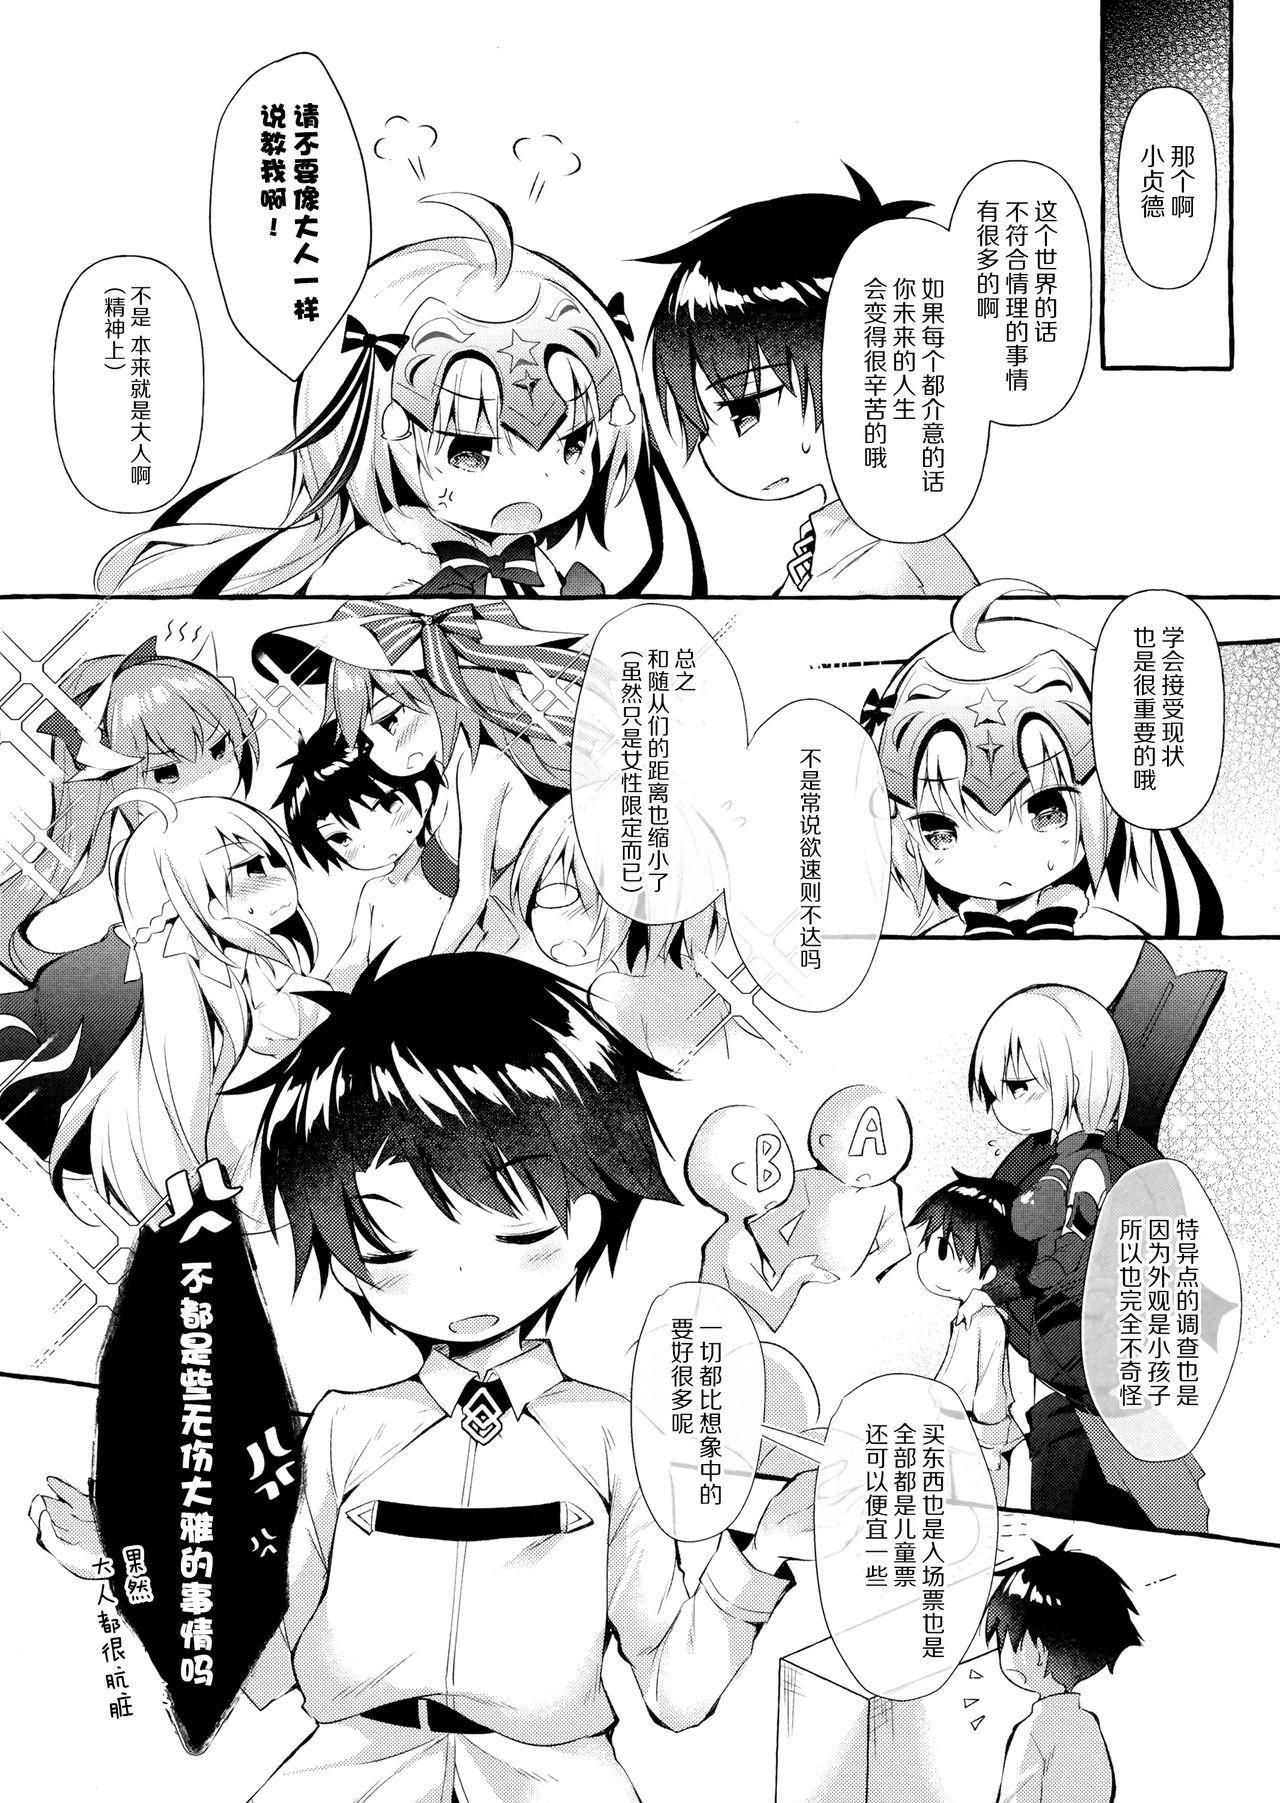 Tonakai-san no ○○ wa Watashi ga Mamoru! 2 3